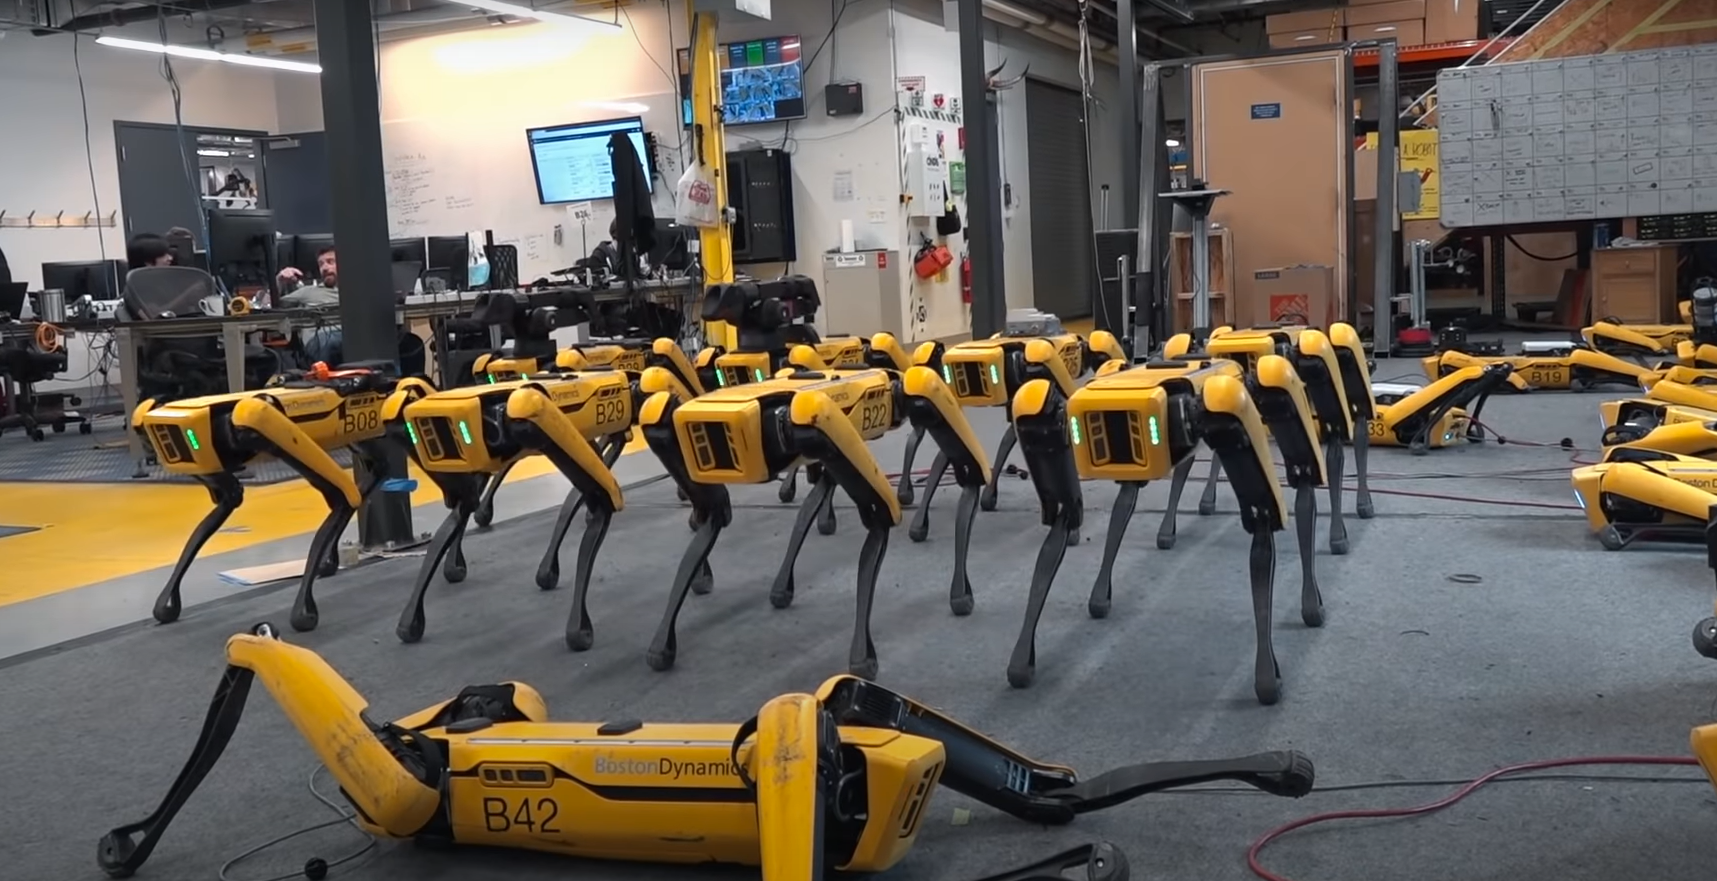 VIDEO: Cât te costă să fii coleg de birou cu Spot, robotul de la Boston Dynamics